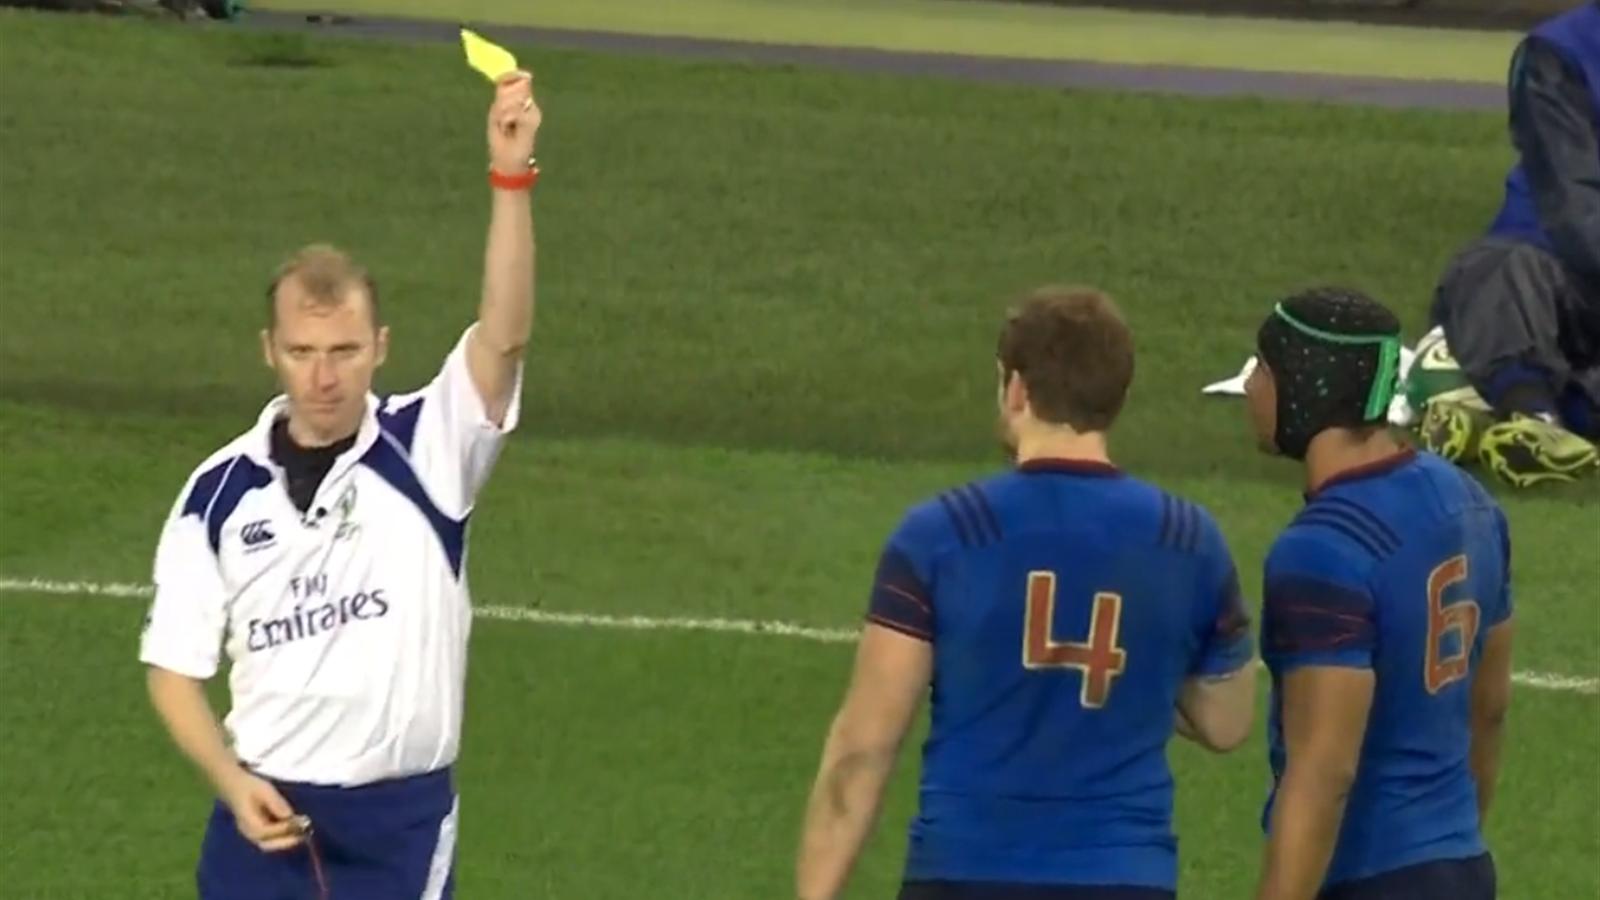 Tournoi des 6 nations pap un coup de genou stupide sur heaslip 6 nations 2015 rugby - Coupe des 6 nations 2015 ...